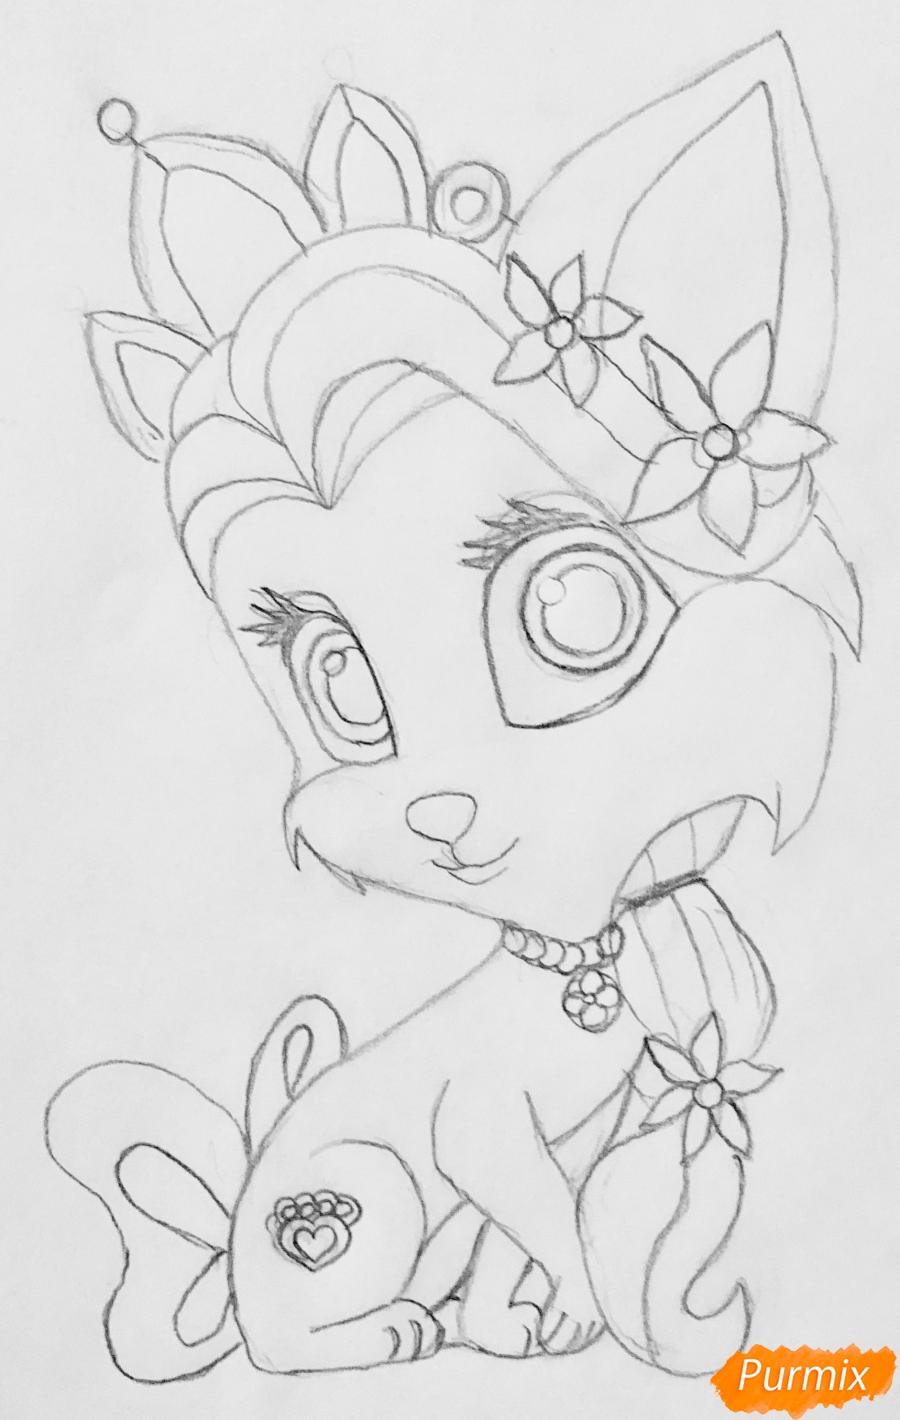 Рисуем кошечку Саммер питомца Рапунцель из мультфильма Palace Pets - фото 6